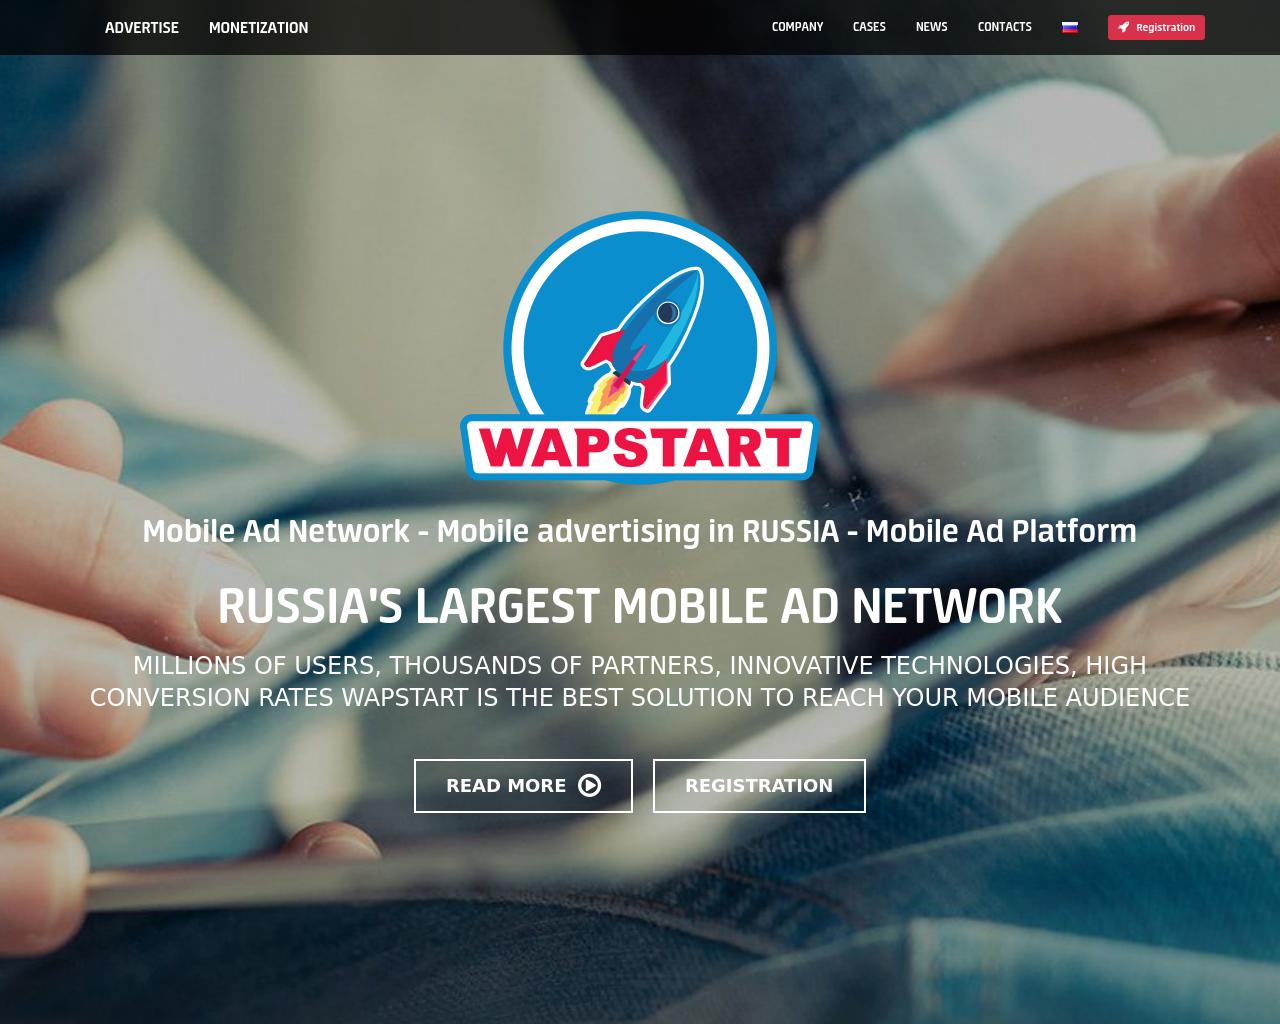 WapStart-Advertising-Reviews-Pricing